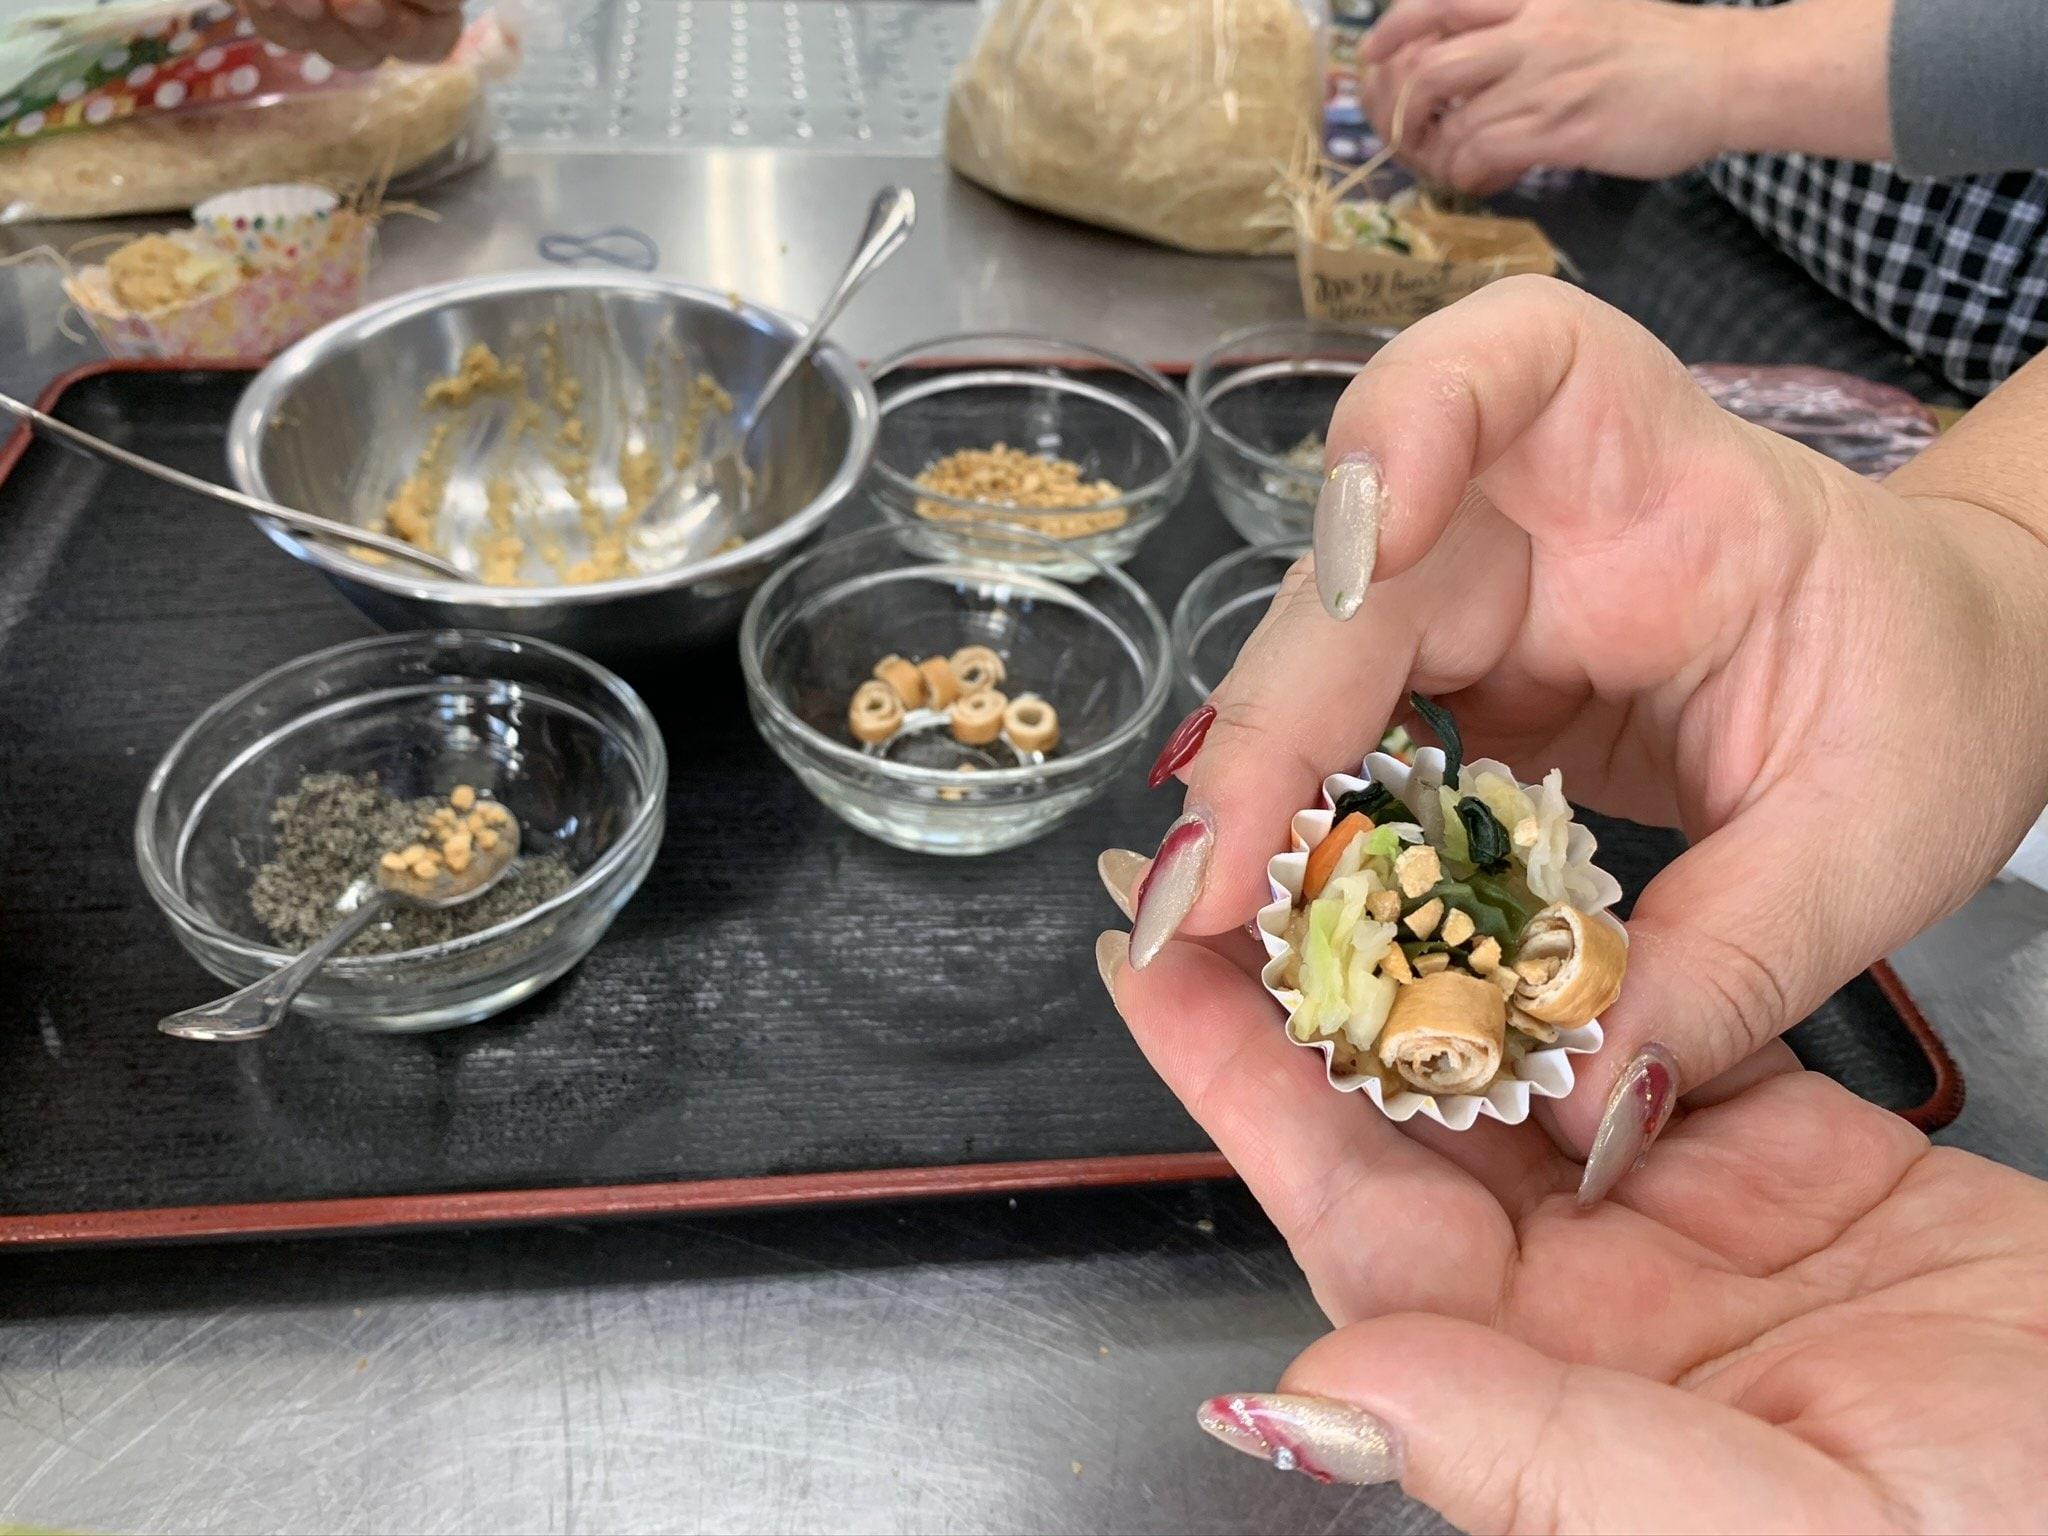 5月25日(火)ミネラル醗酵味噌教室のイメージその5